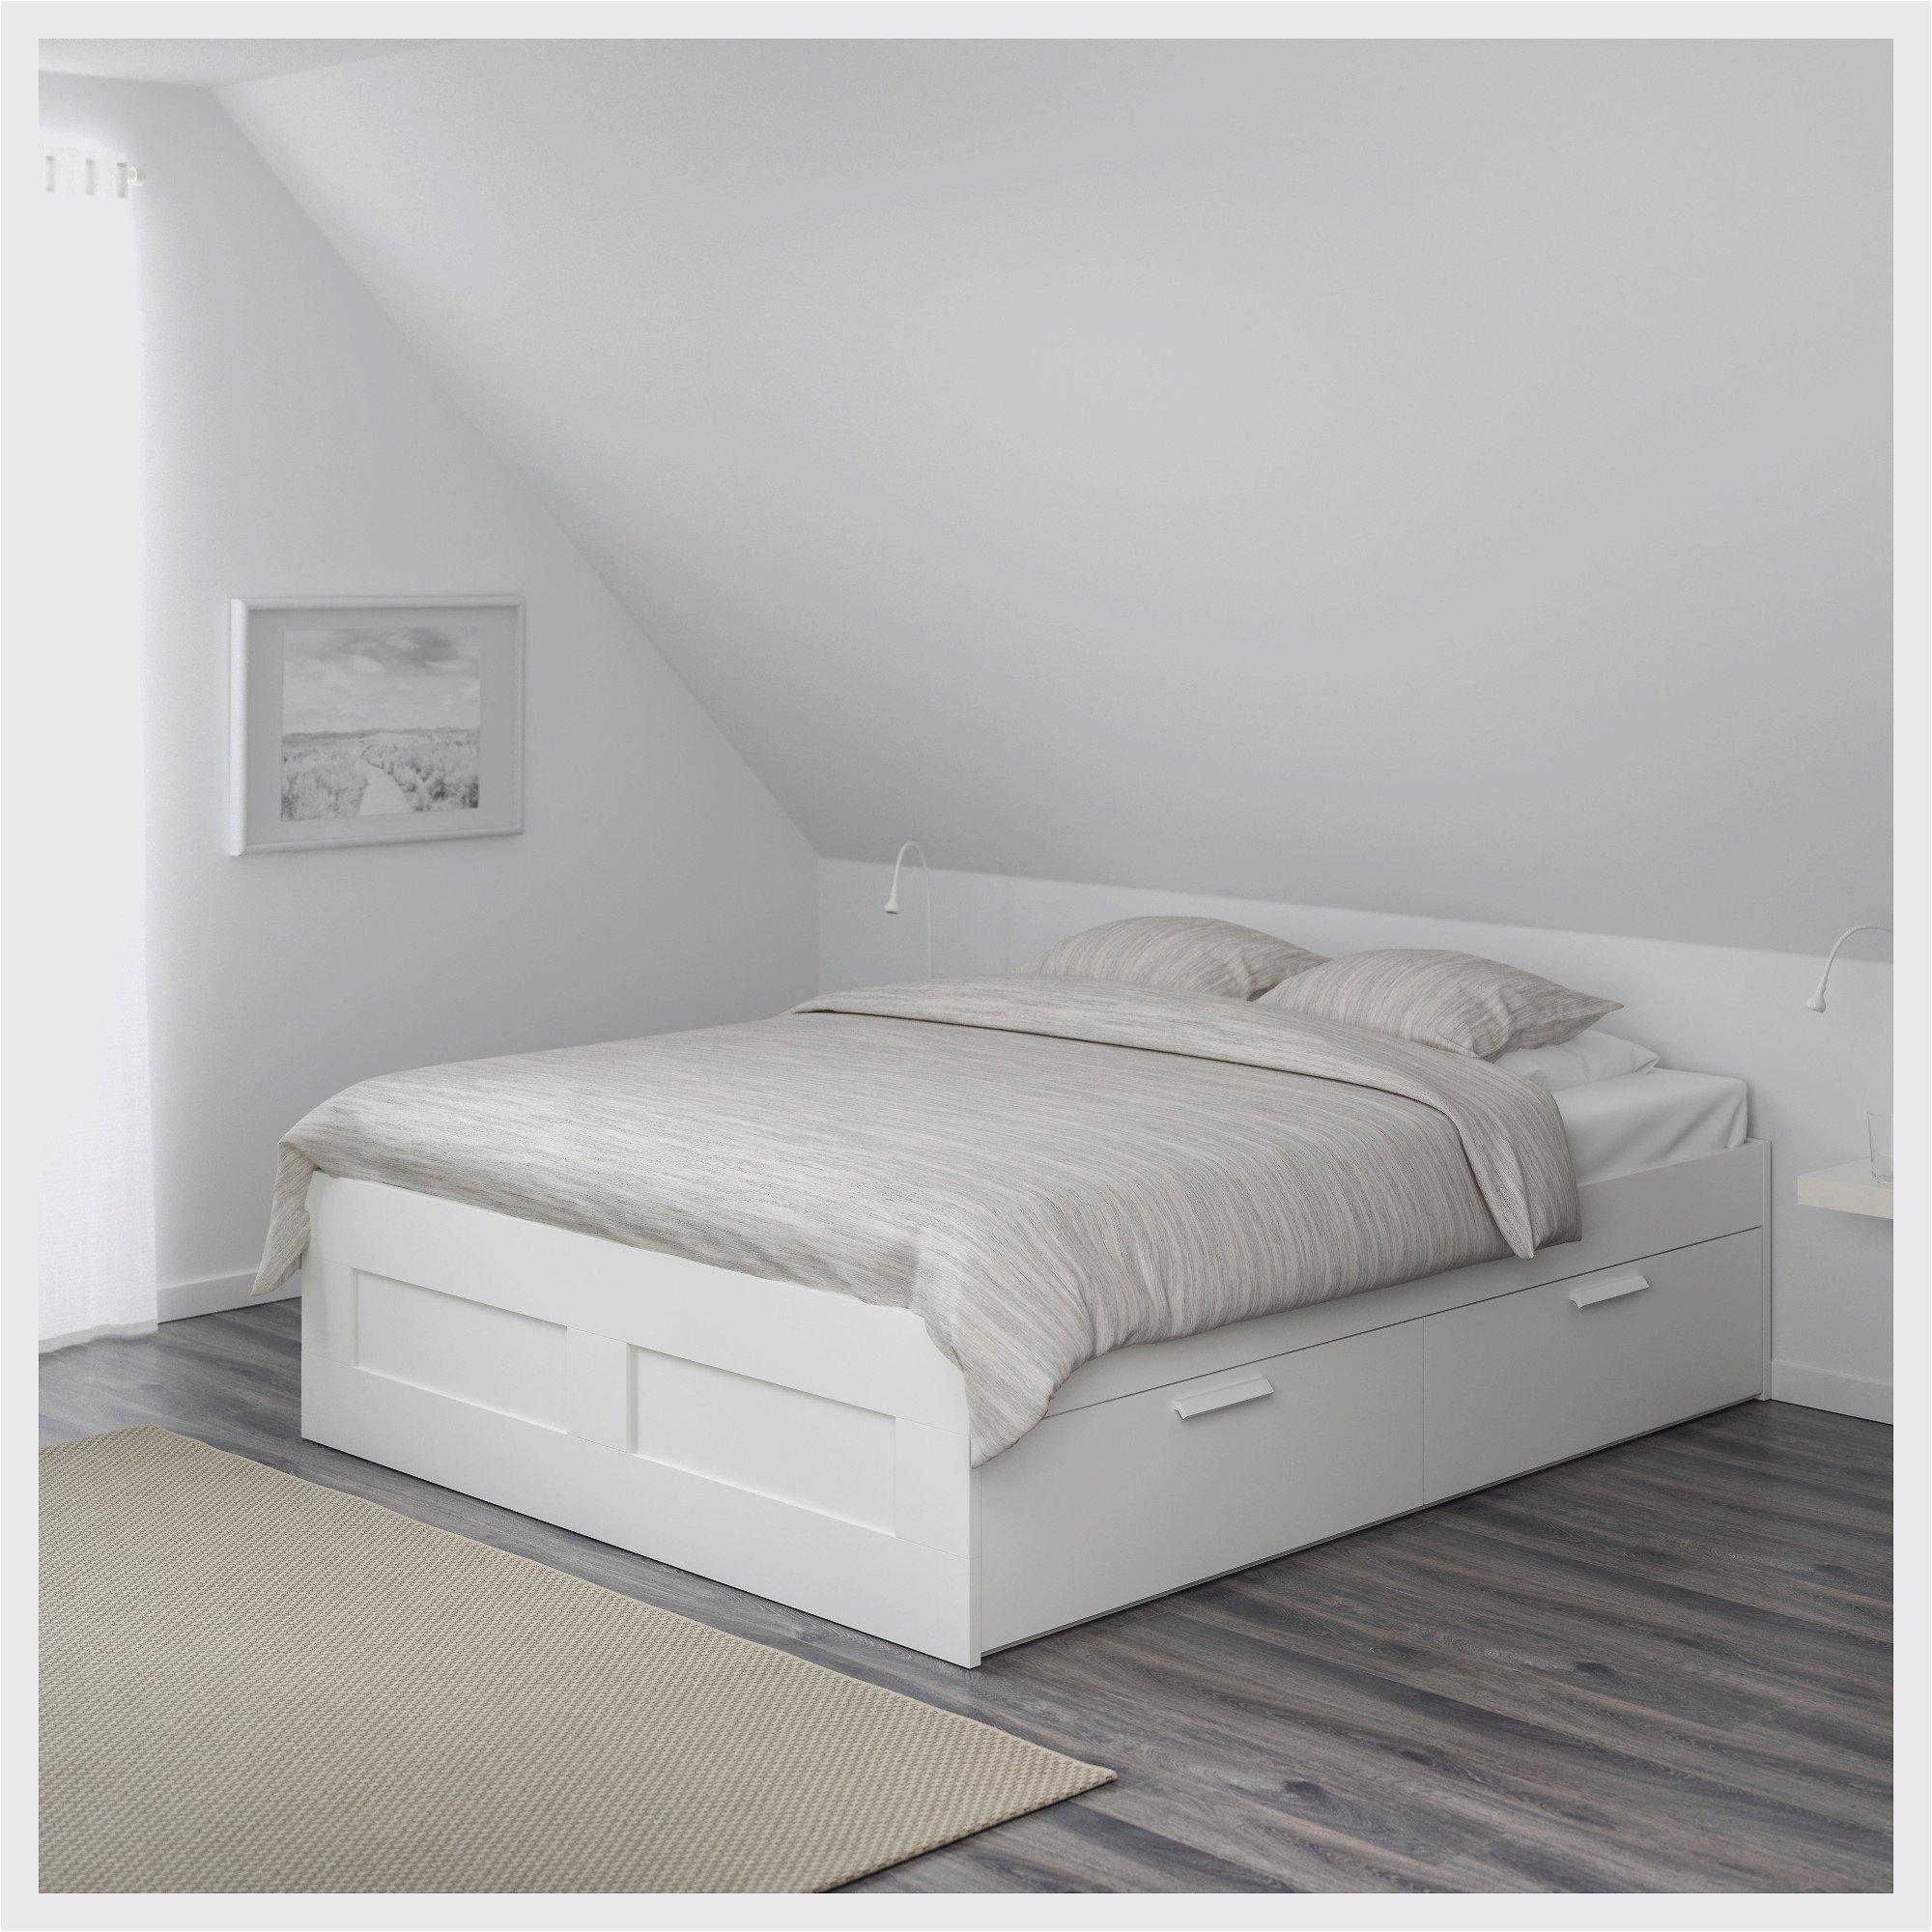 Plaid Blanc Ikea Beau Images Lit Gigogne 80 190 Archives Décoration De Maison